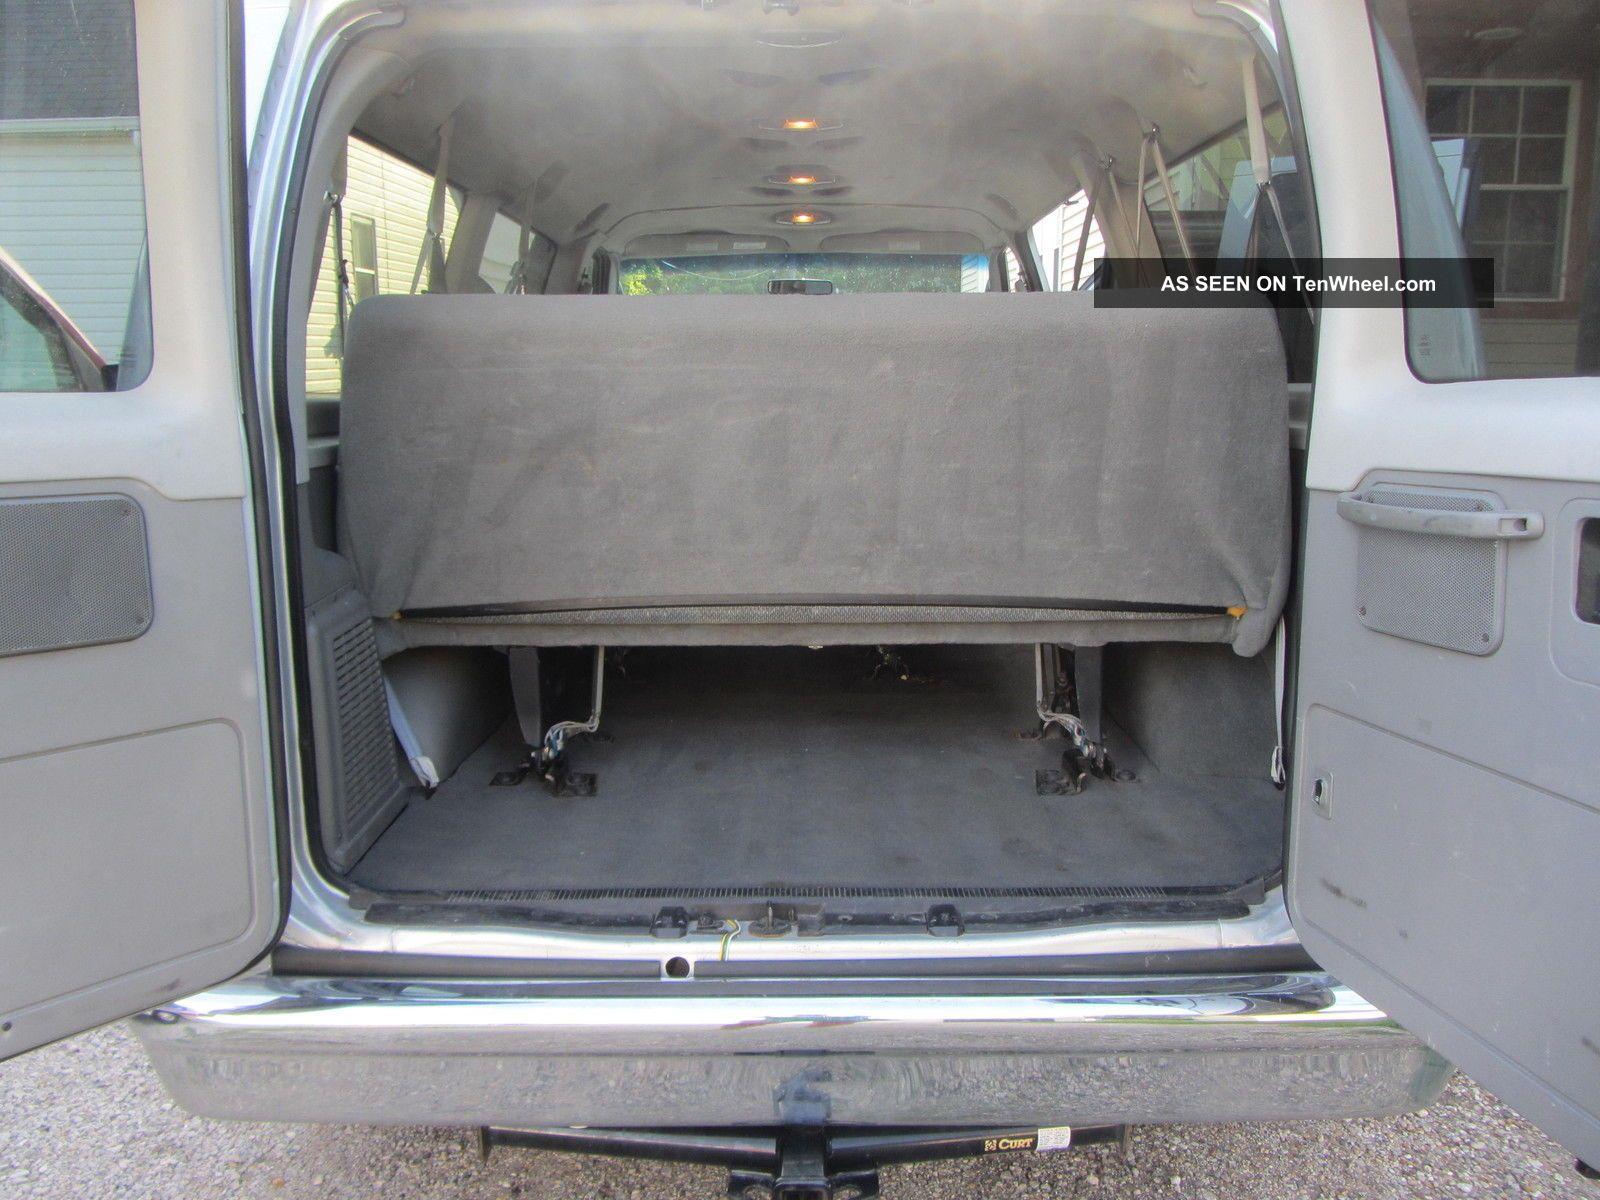 2006 Ford E350 Duty 12 Passenger Van